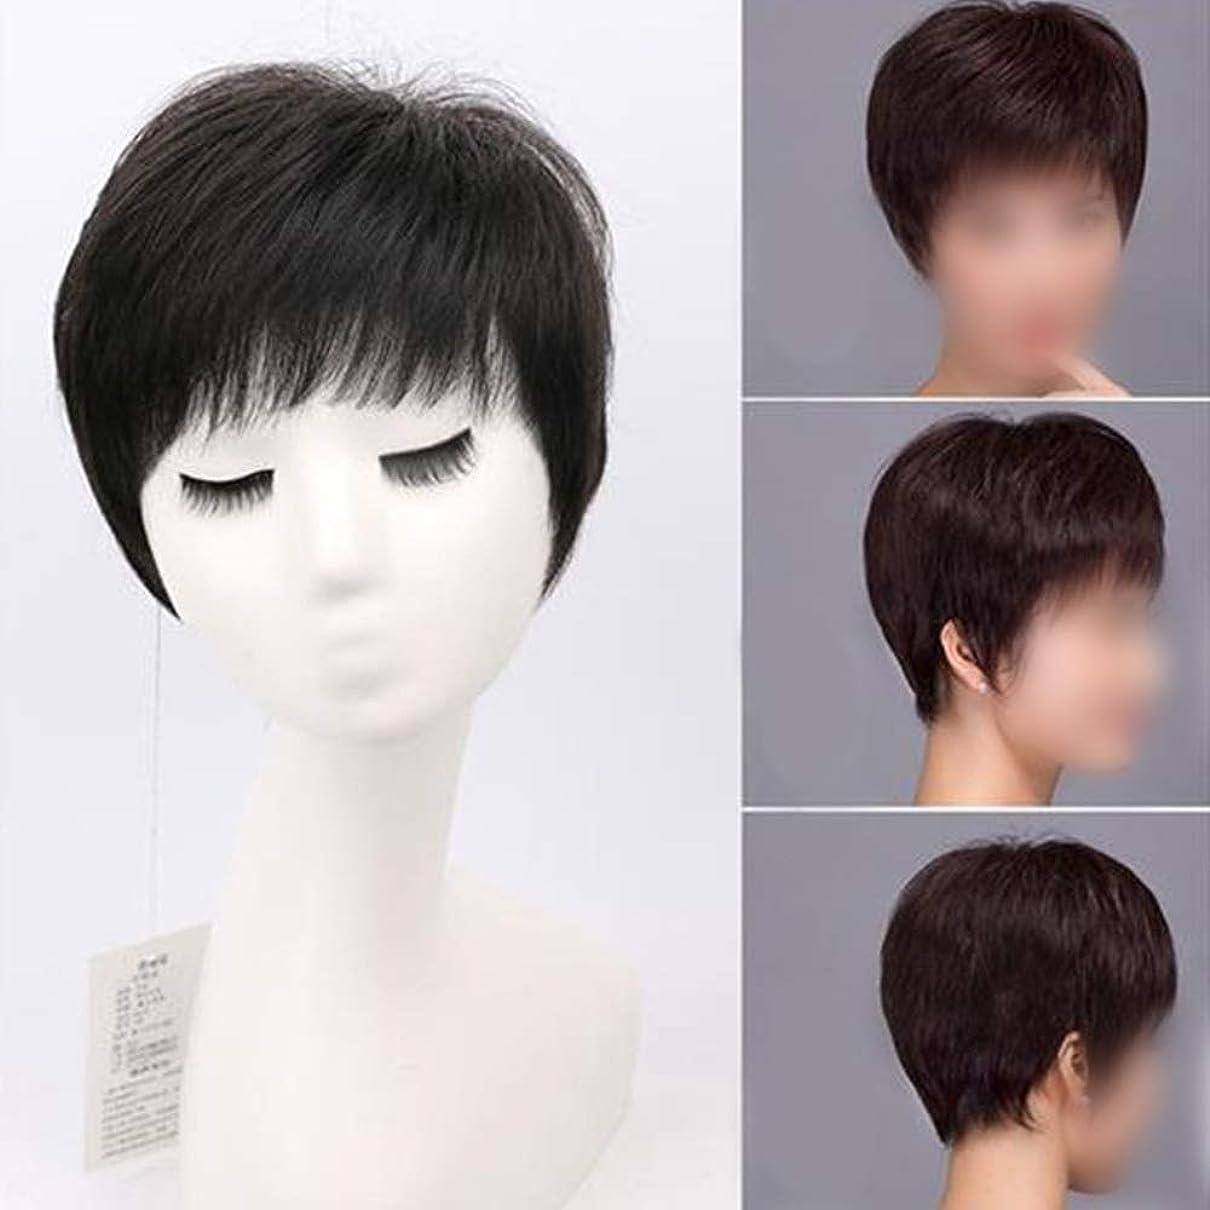 ディプロマ呼吸恐怖BOBIDYEE 女性のための空気前髪付きリアルヘアショートストレートヘアミドルとオールドウィッグナチュラルリアルなファッションウィッグ (色 : Natural black)